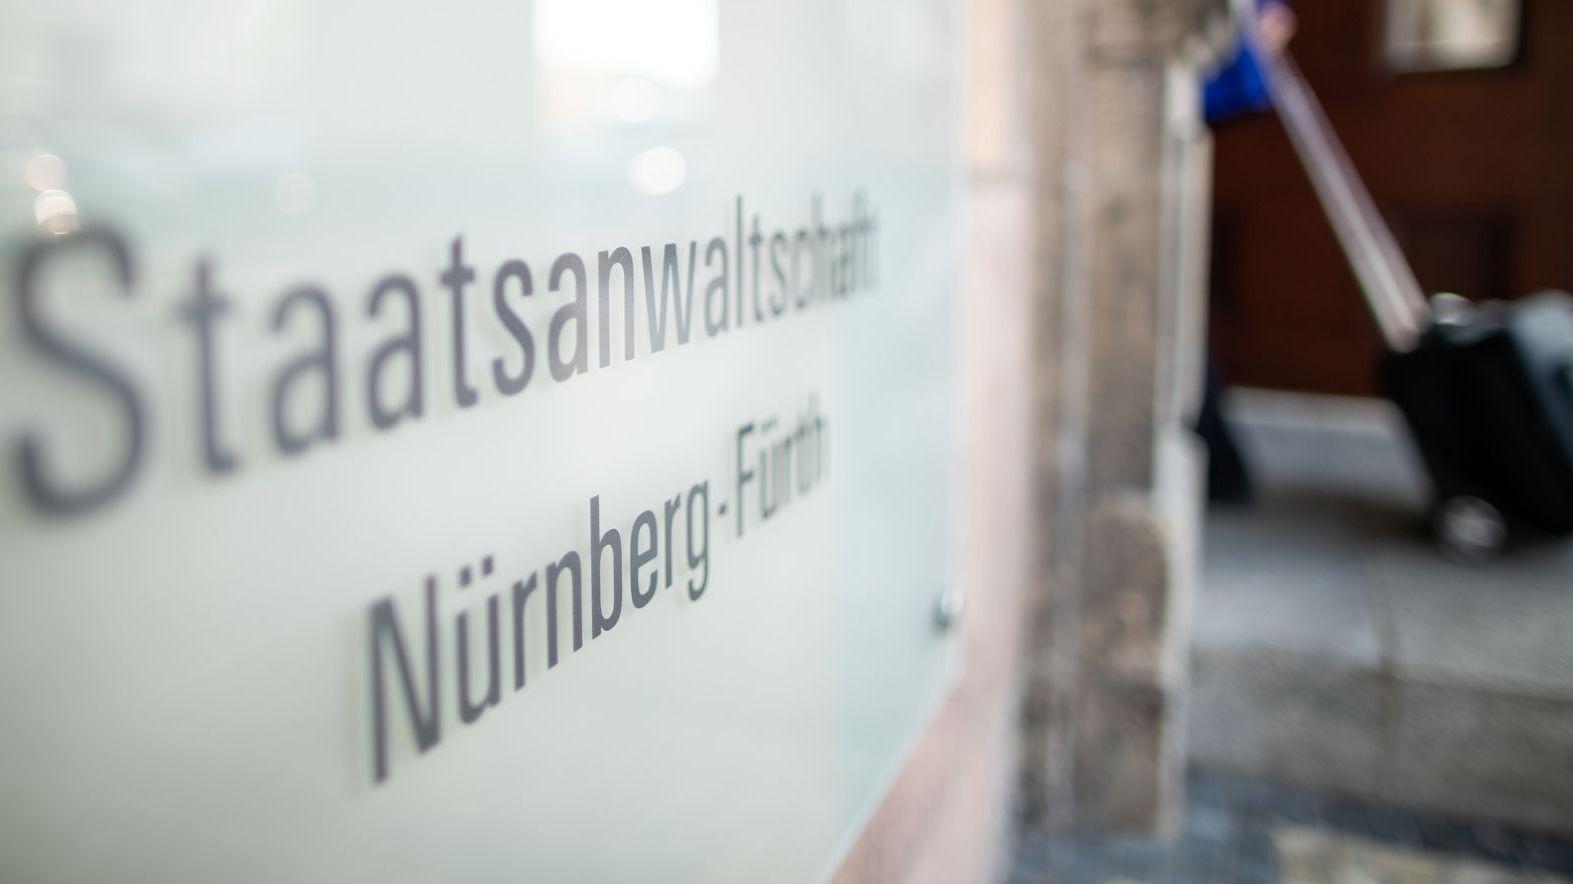 """""""Staatsanwaltschaft Nürnberg-Fürth"""" steht auf einem Schild am Eingang des Gerichts-Gebäudes."""